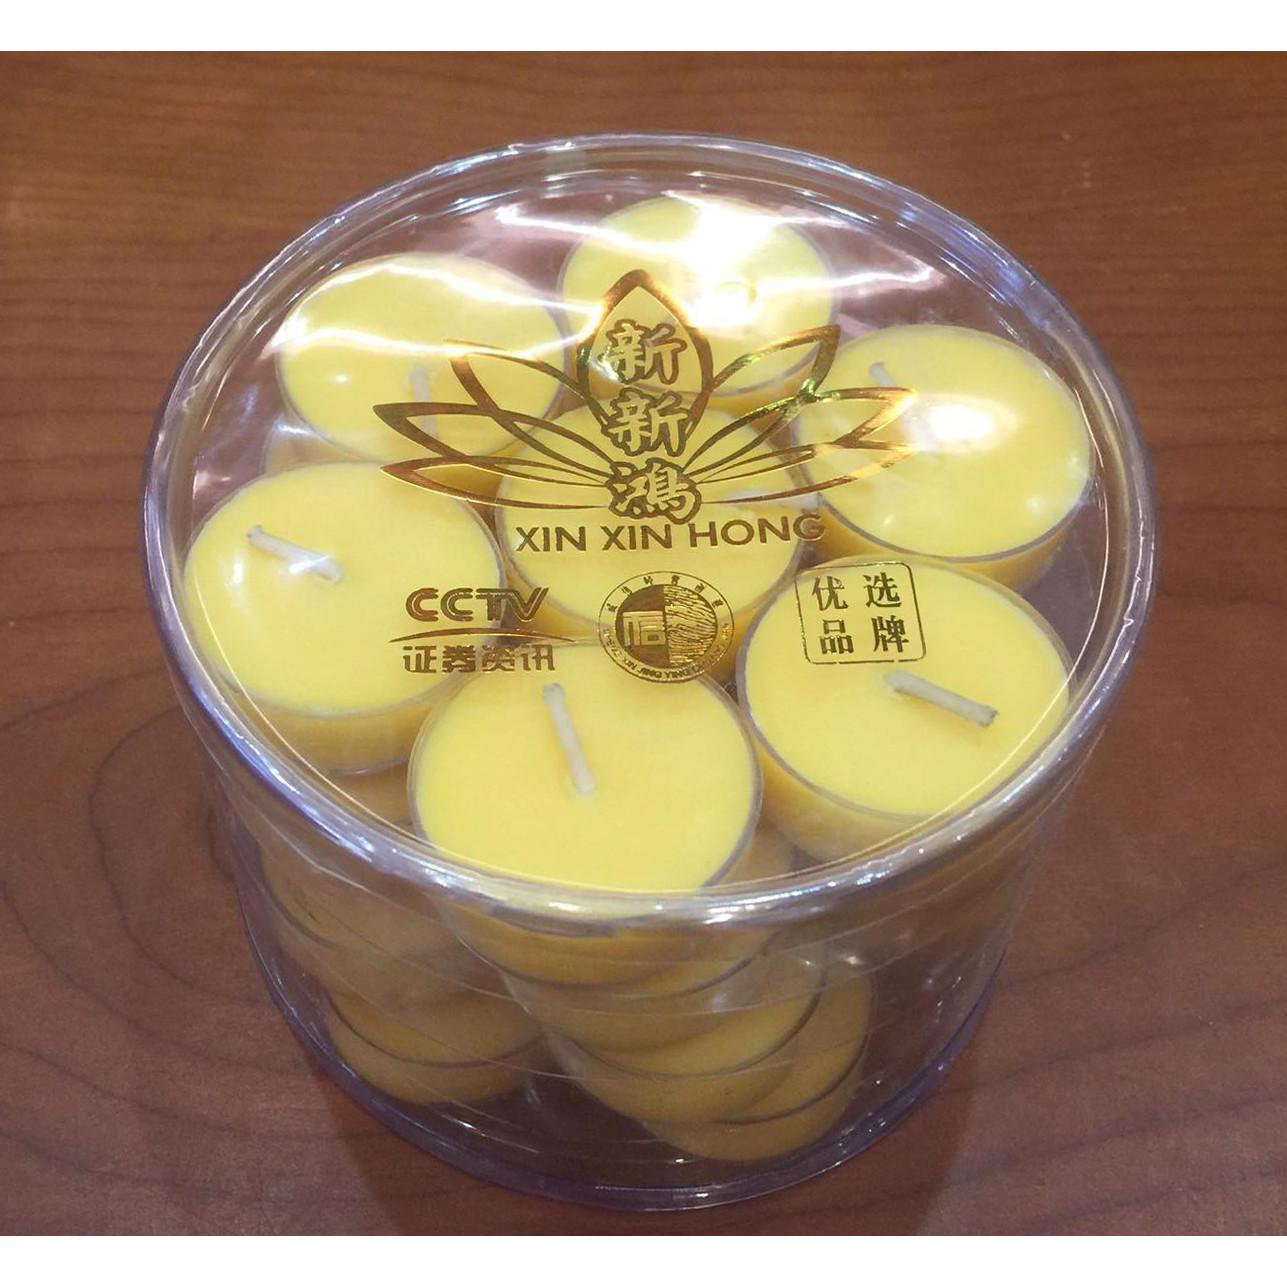 Nến Bơ 28 viên không mùi không khói đảm bảo nến bơ sạch 100%